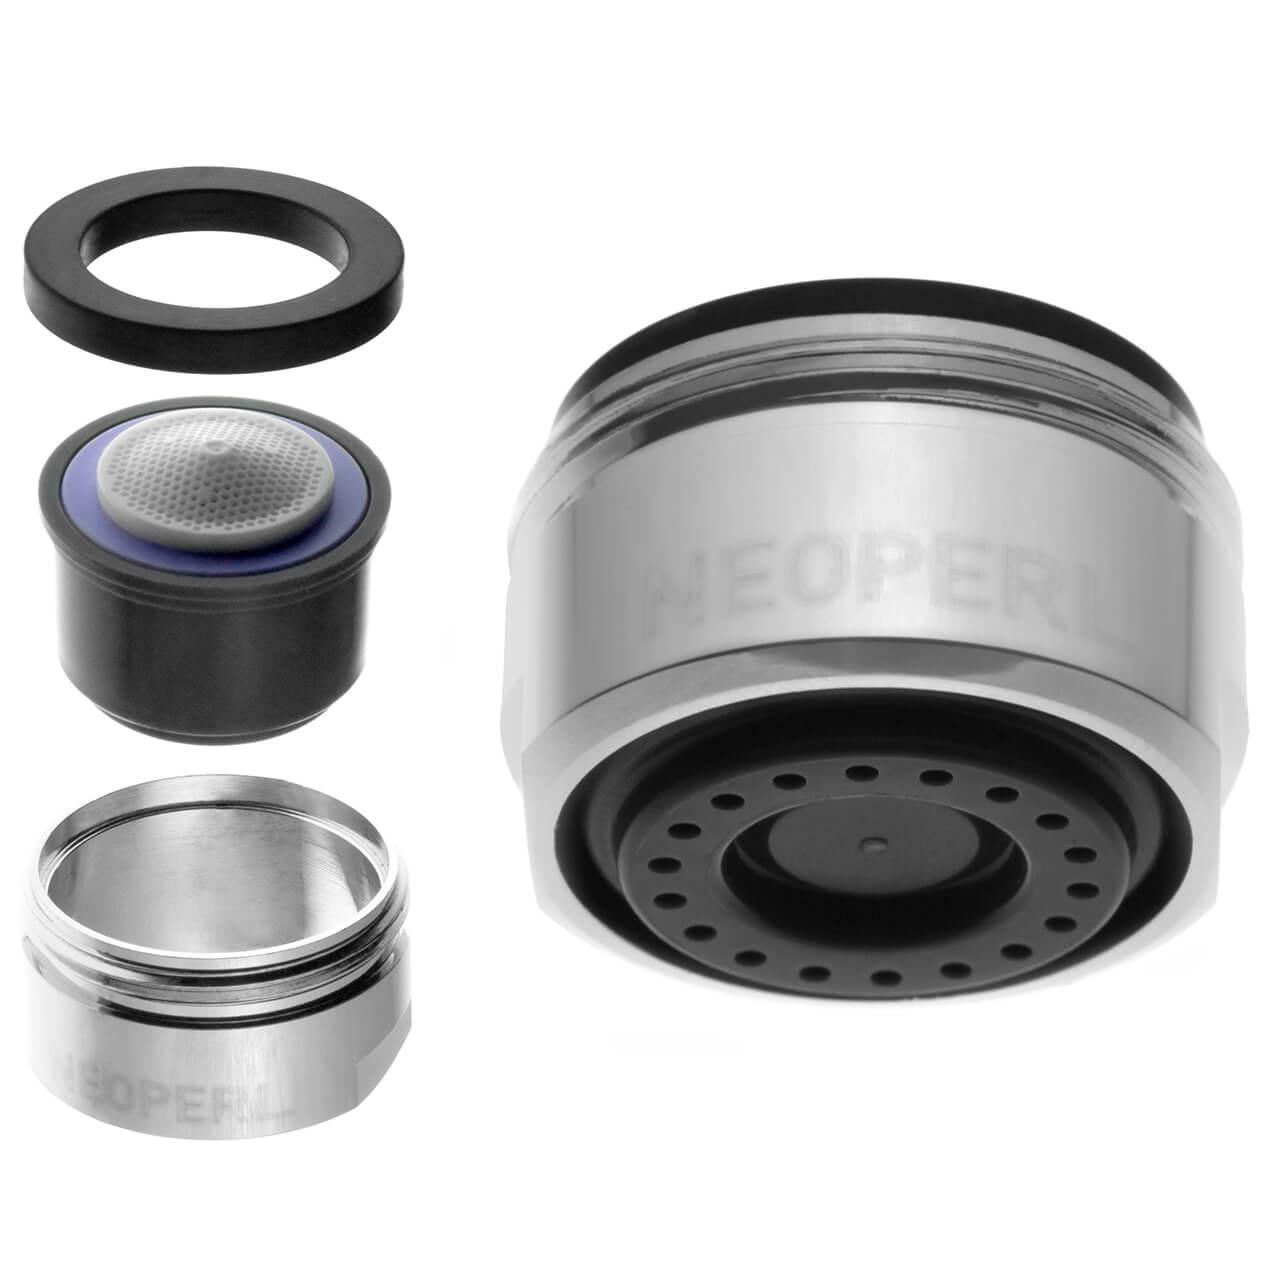 Aeratore per rubinetto Neoperl Spray 3 l/min